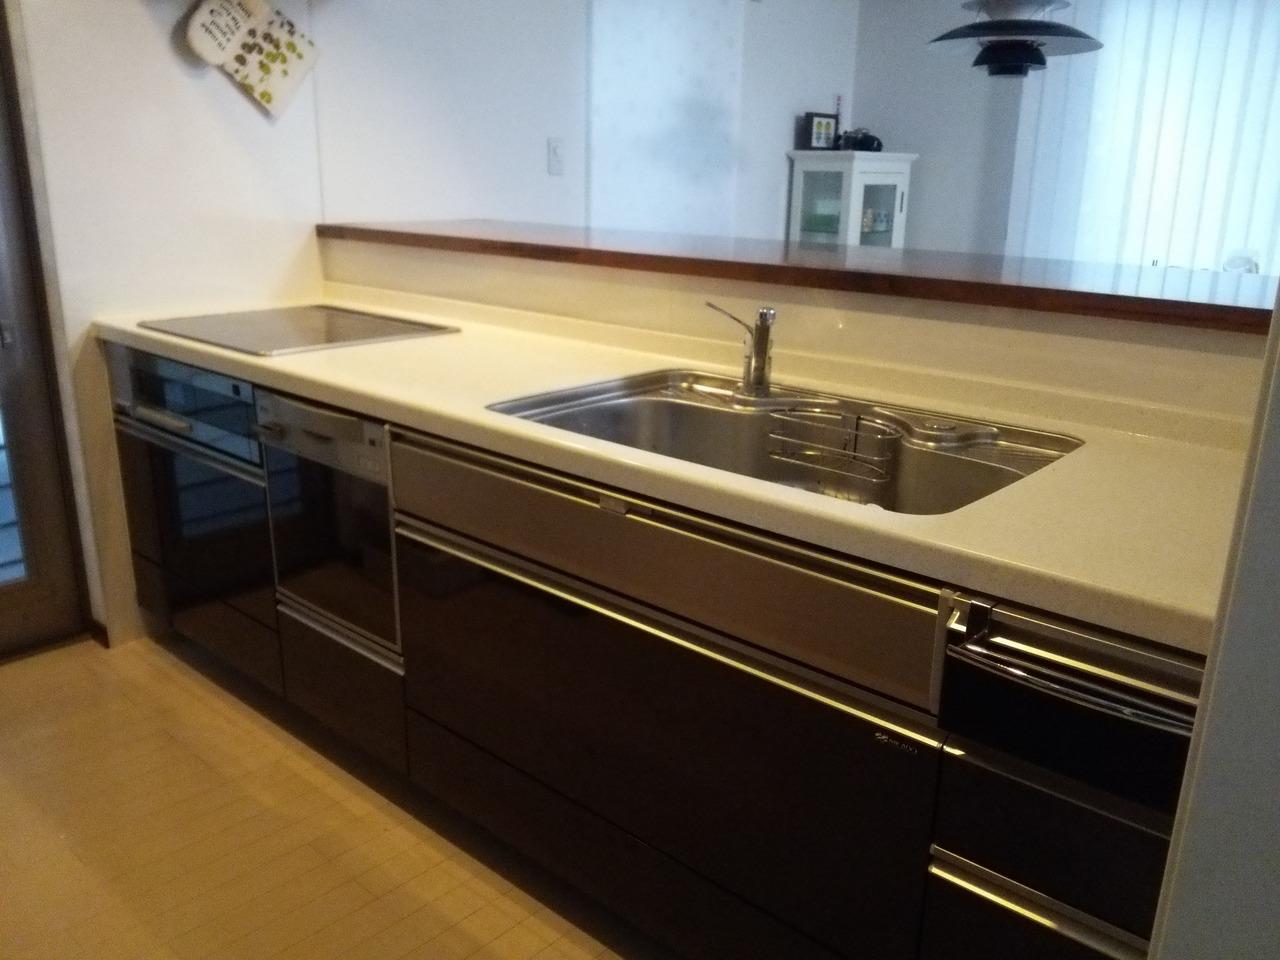 食洗機付のシステムキッチン♪ 対面式で料理をしながら、ご家族との会話が楽しめます。